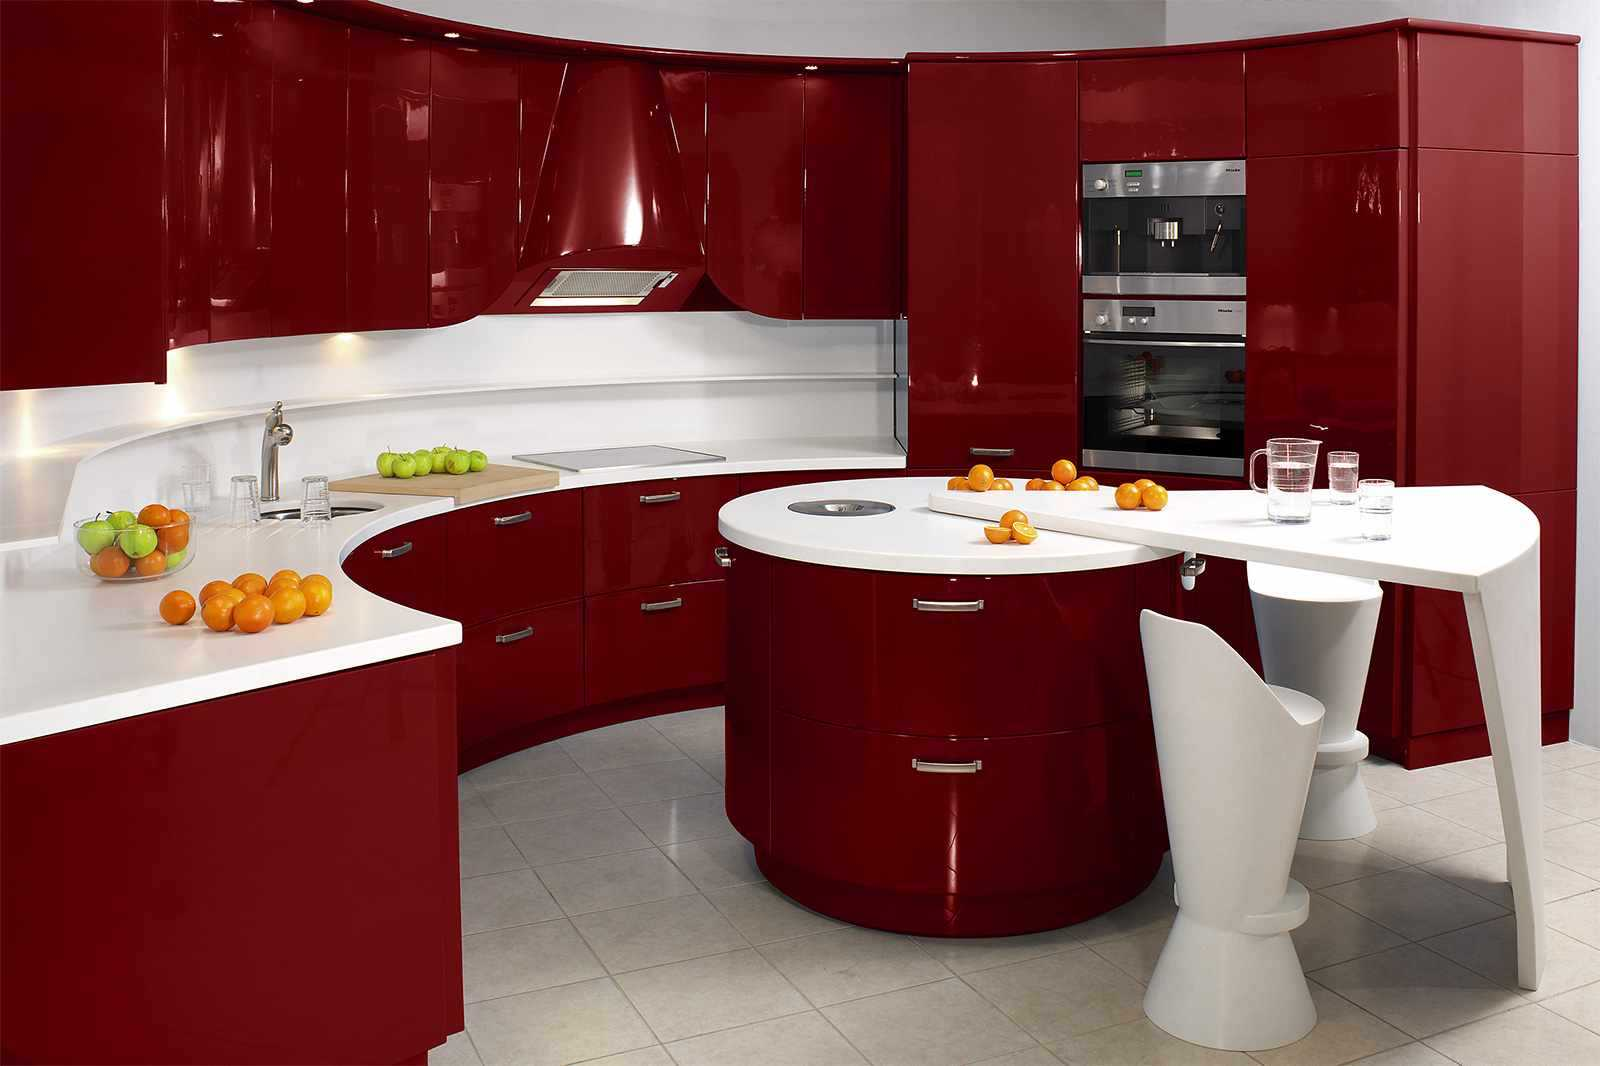 cuisinière à gaz simple-petite-métal-entre-grandes-armoires-de-cuisine-rouges-close-green-wall-paint